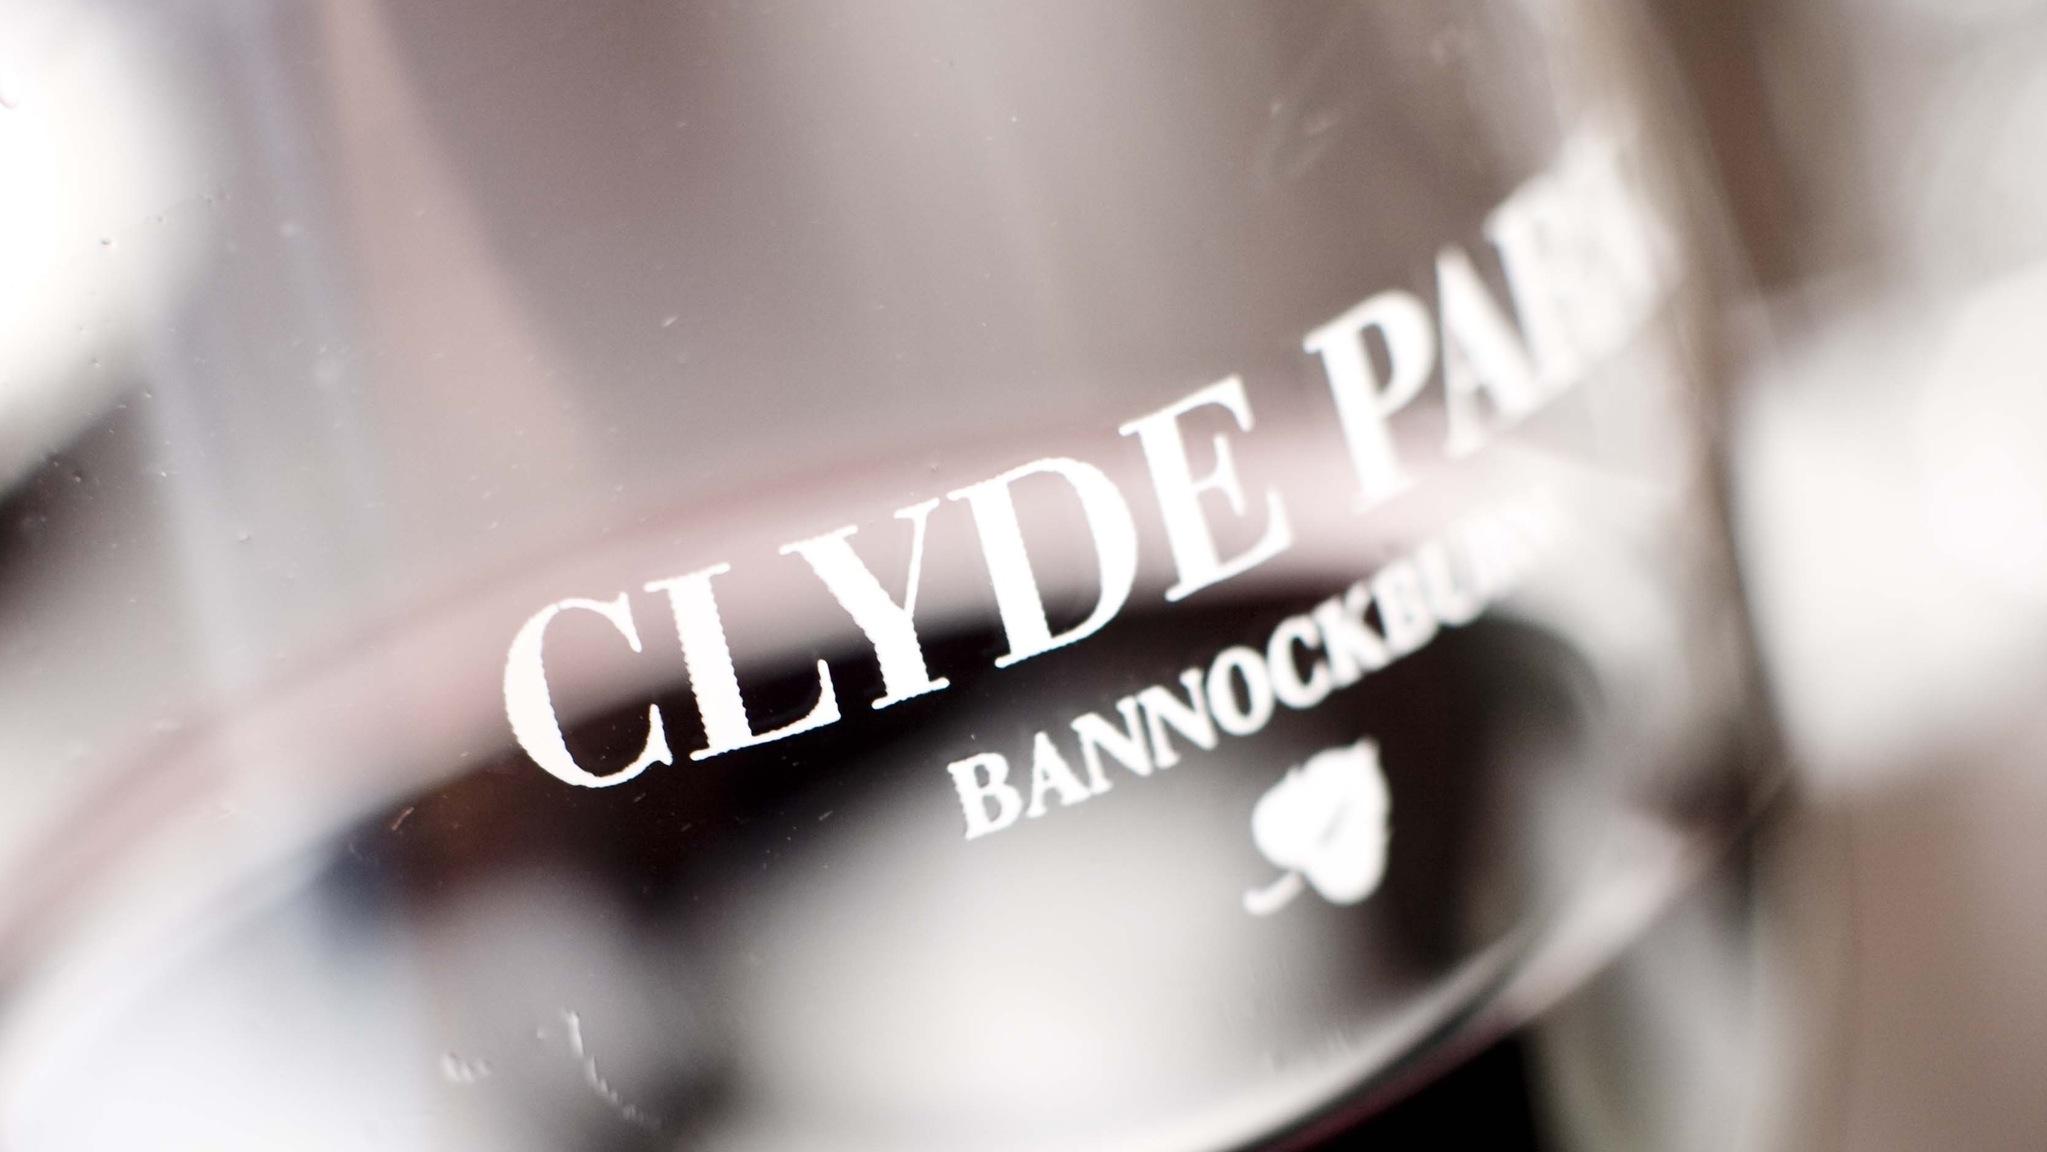 A stunning Clyde Park glass